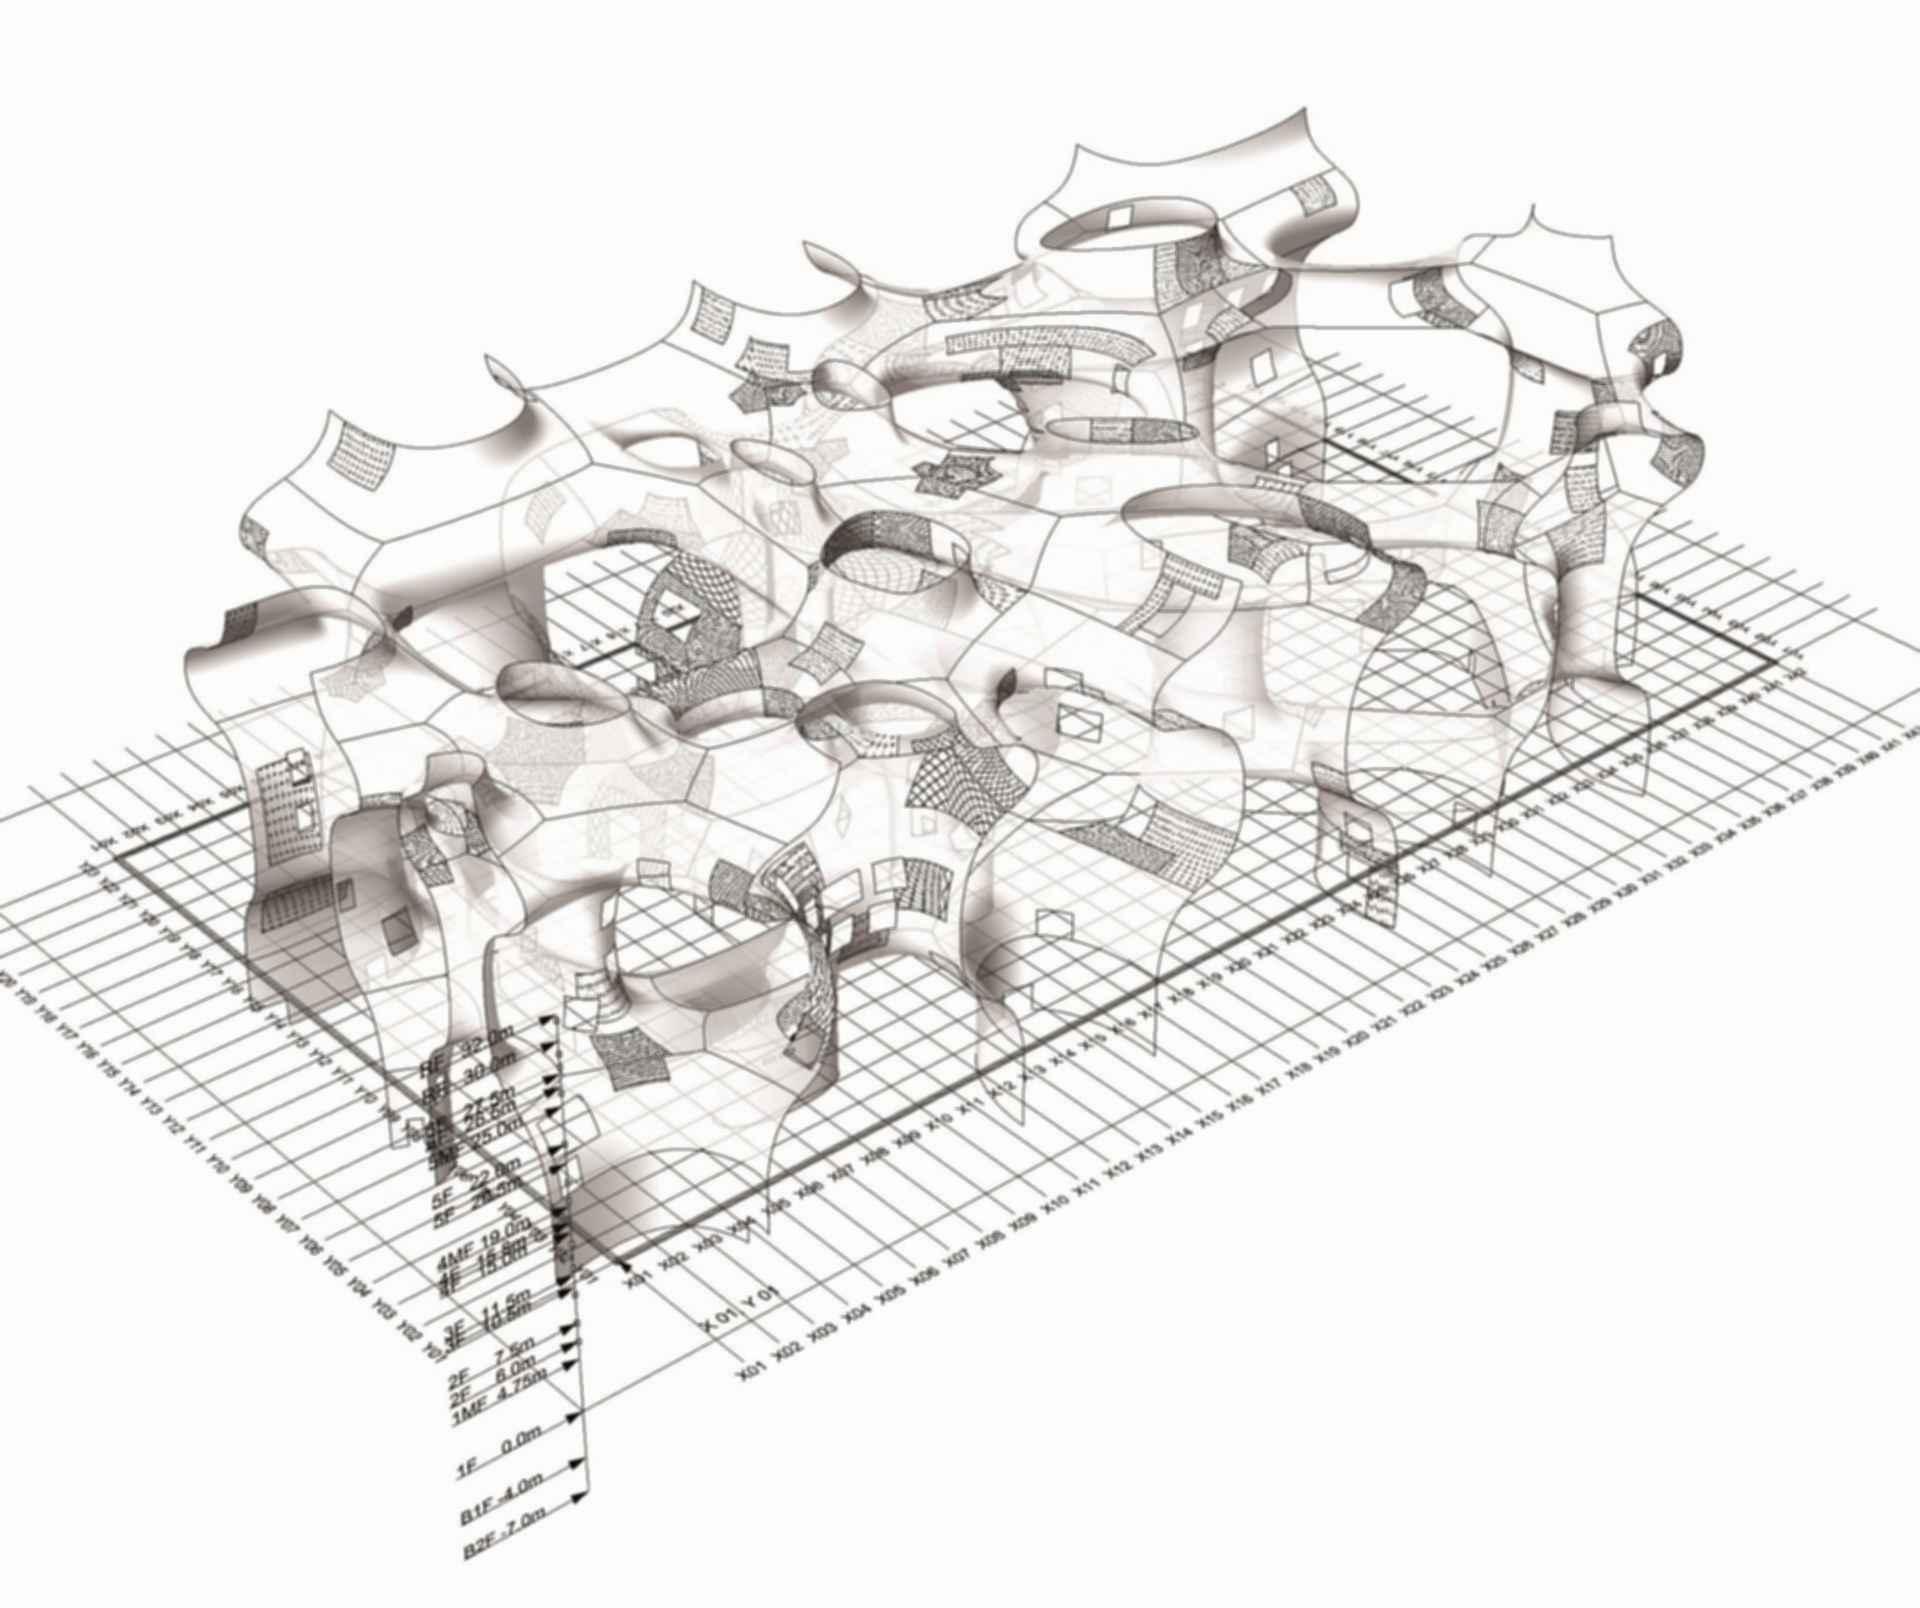 Taichung Metropolitan Opera House - Concept Design